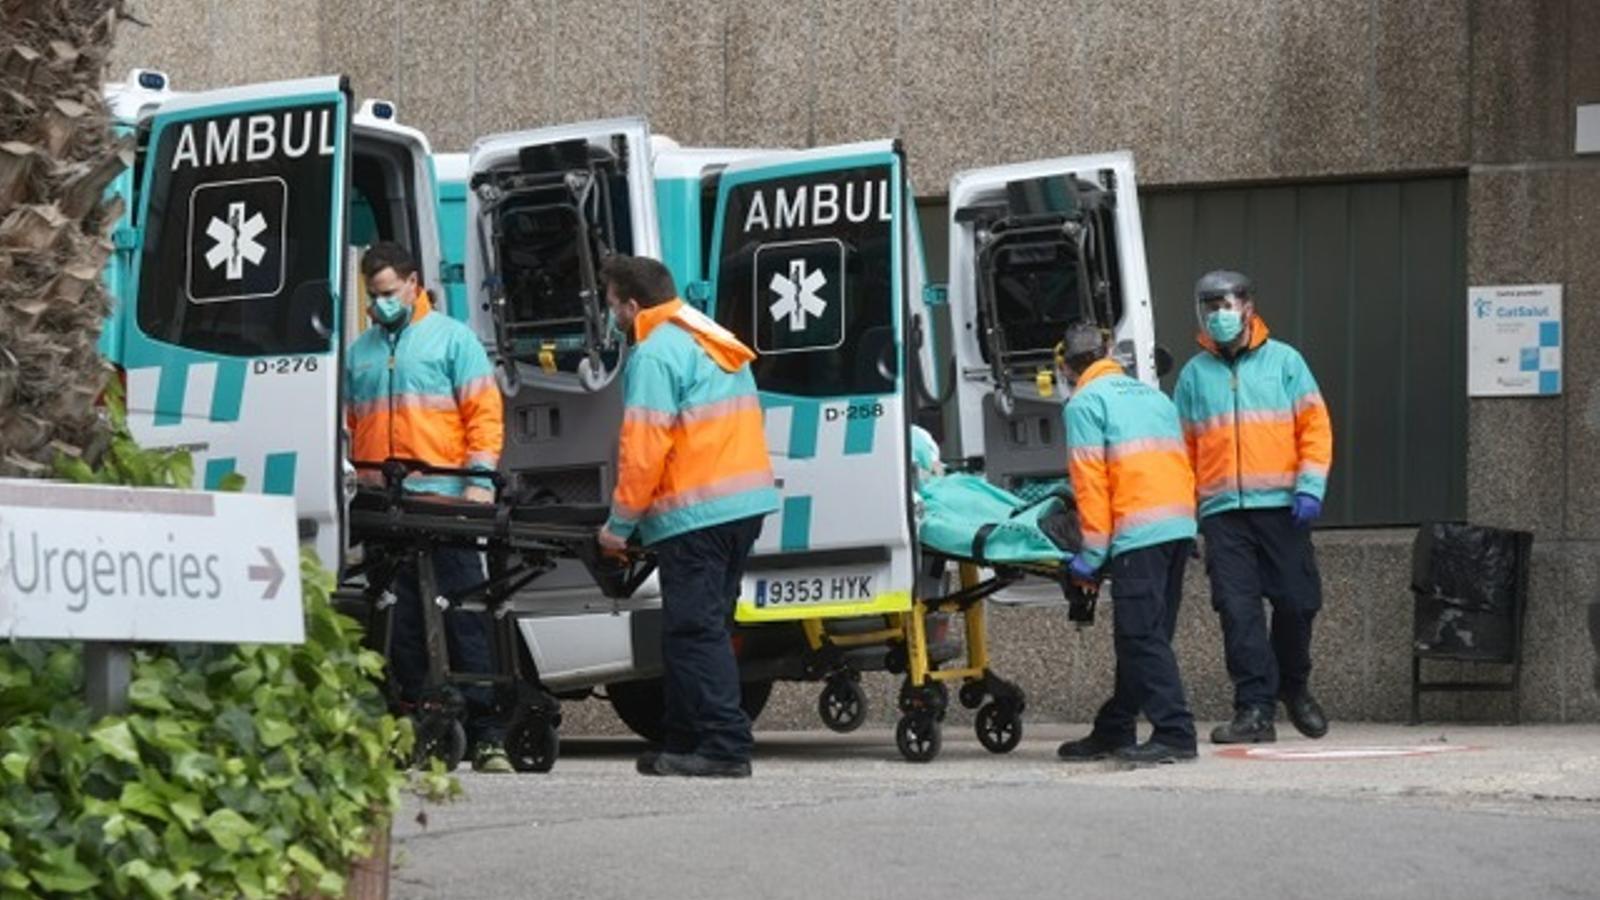 Ambulàncies a l'Hospitalet de Llobregat